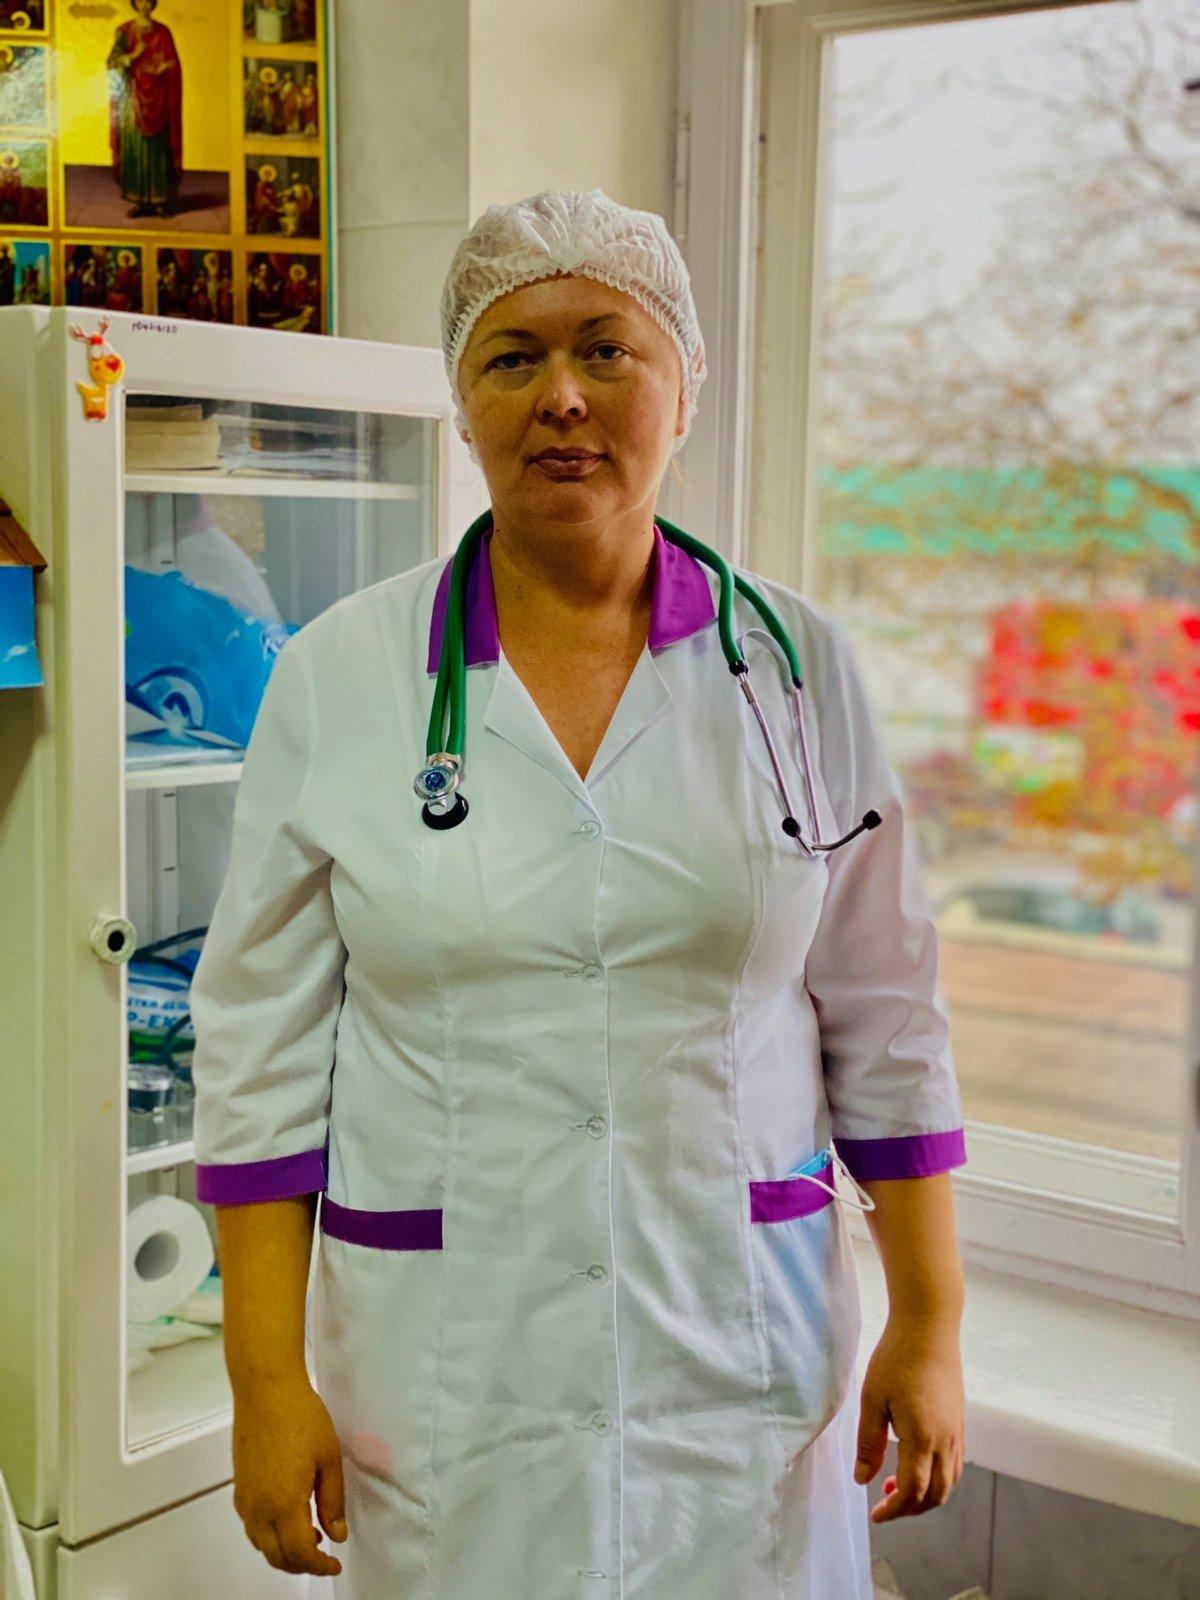 Хороший детский врач – надёжная опора: в Черноморске отмечают День педиатра, фото-1